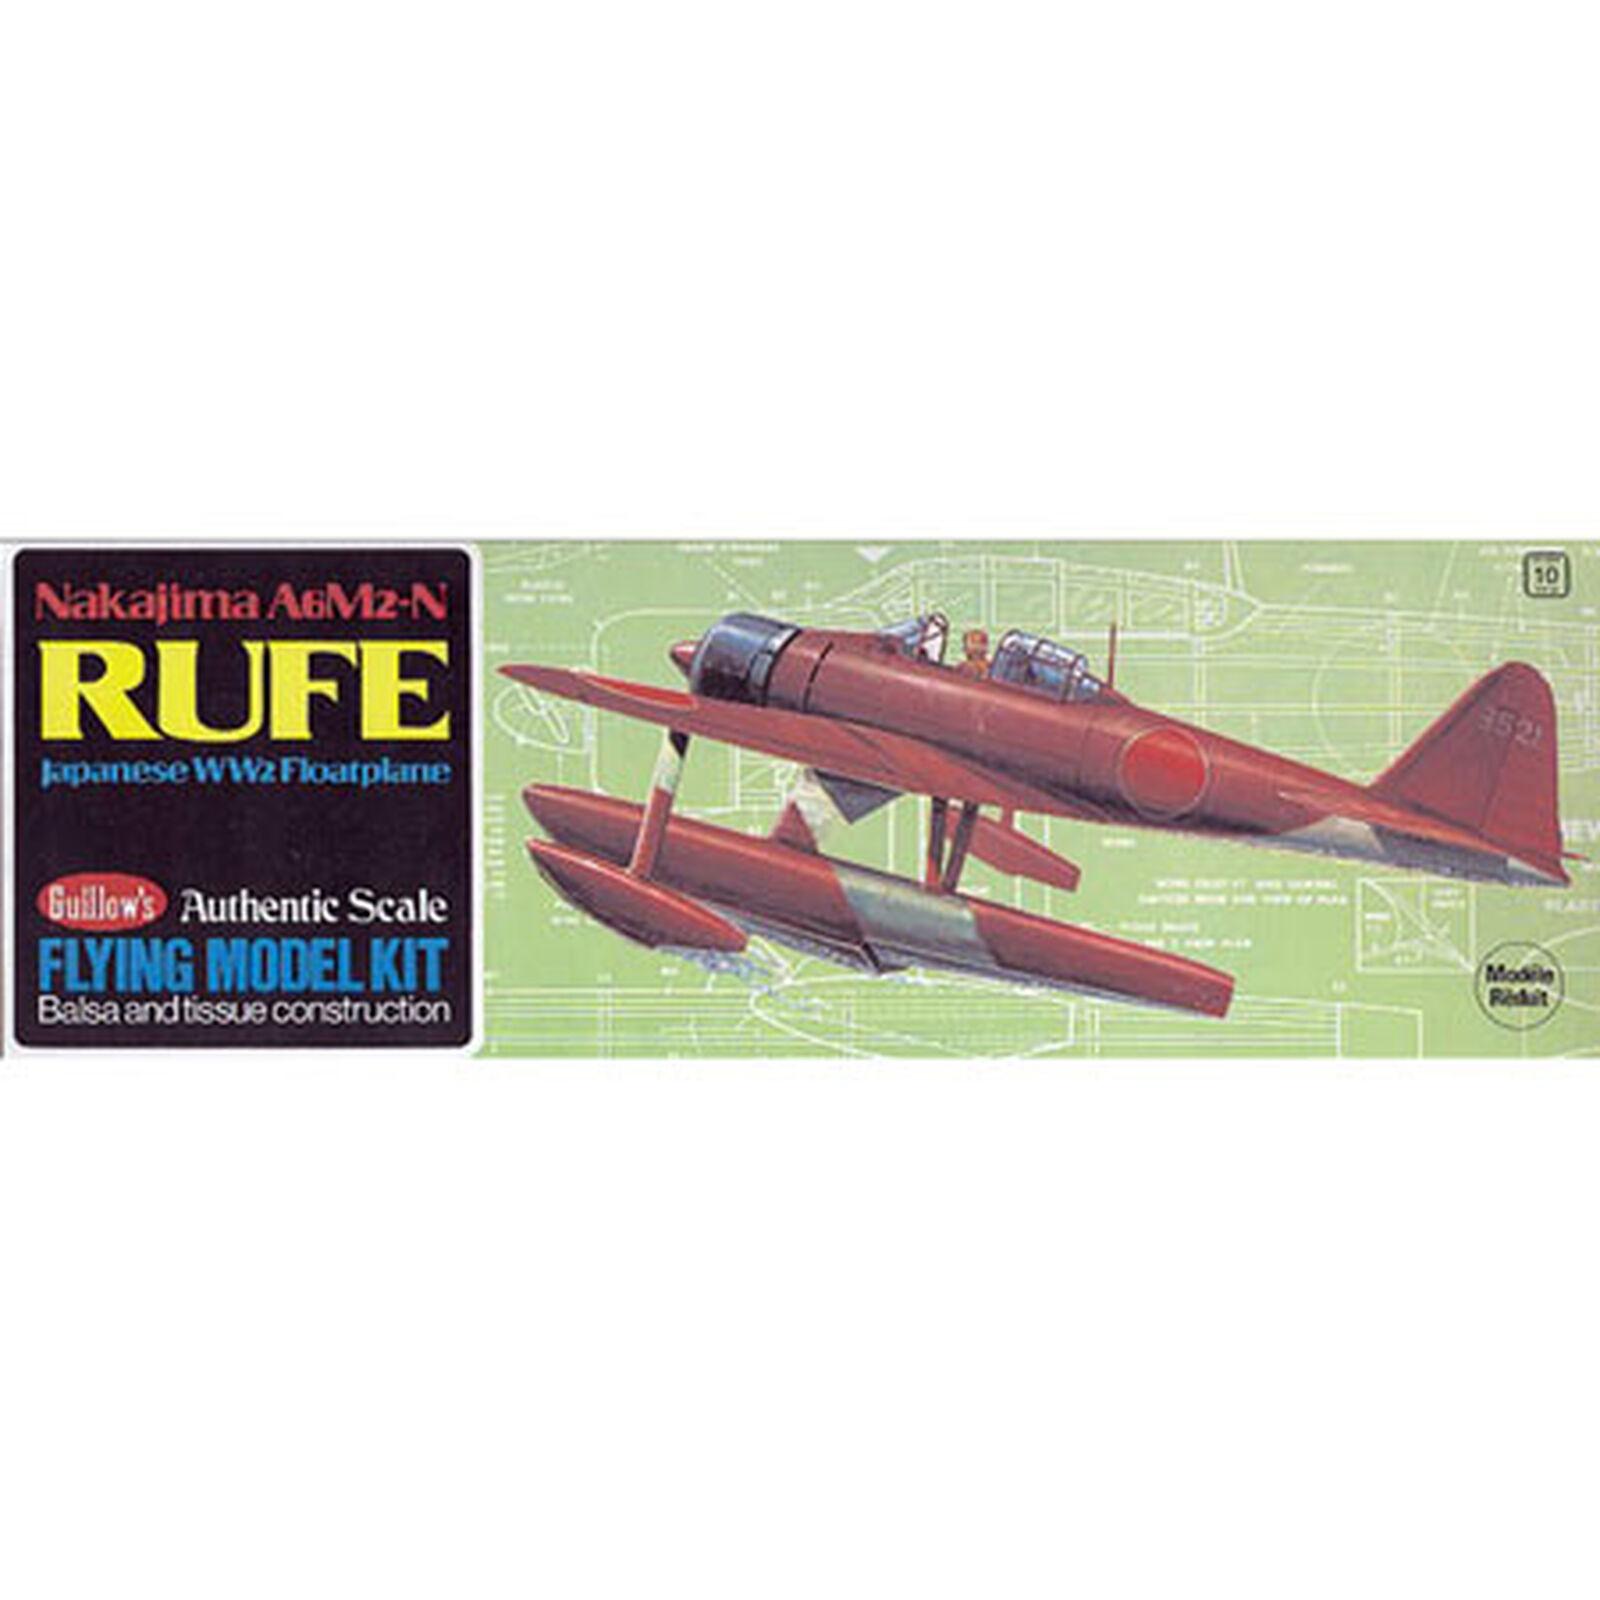 """Nakijima A6M2-N Rufe Kit, 16.5"""""""